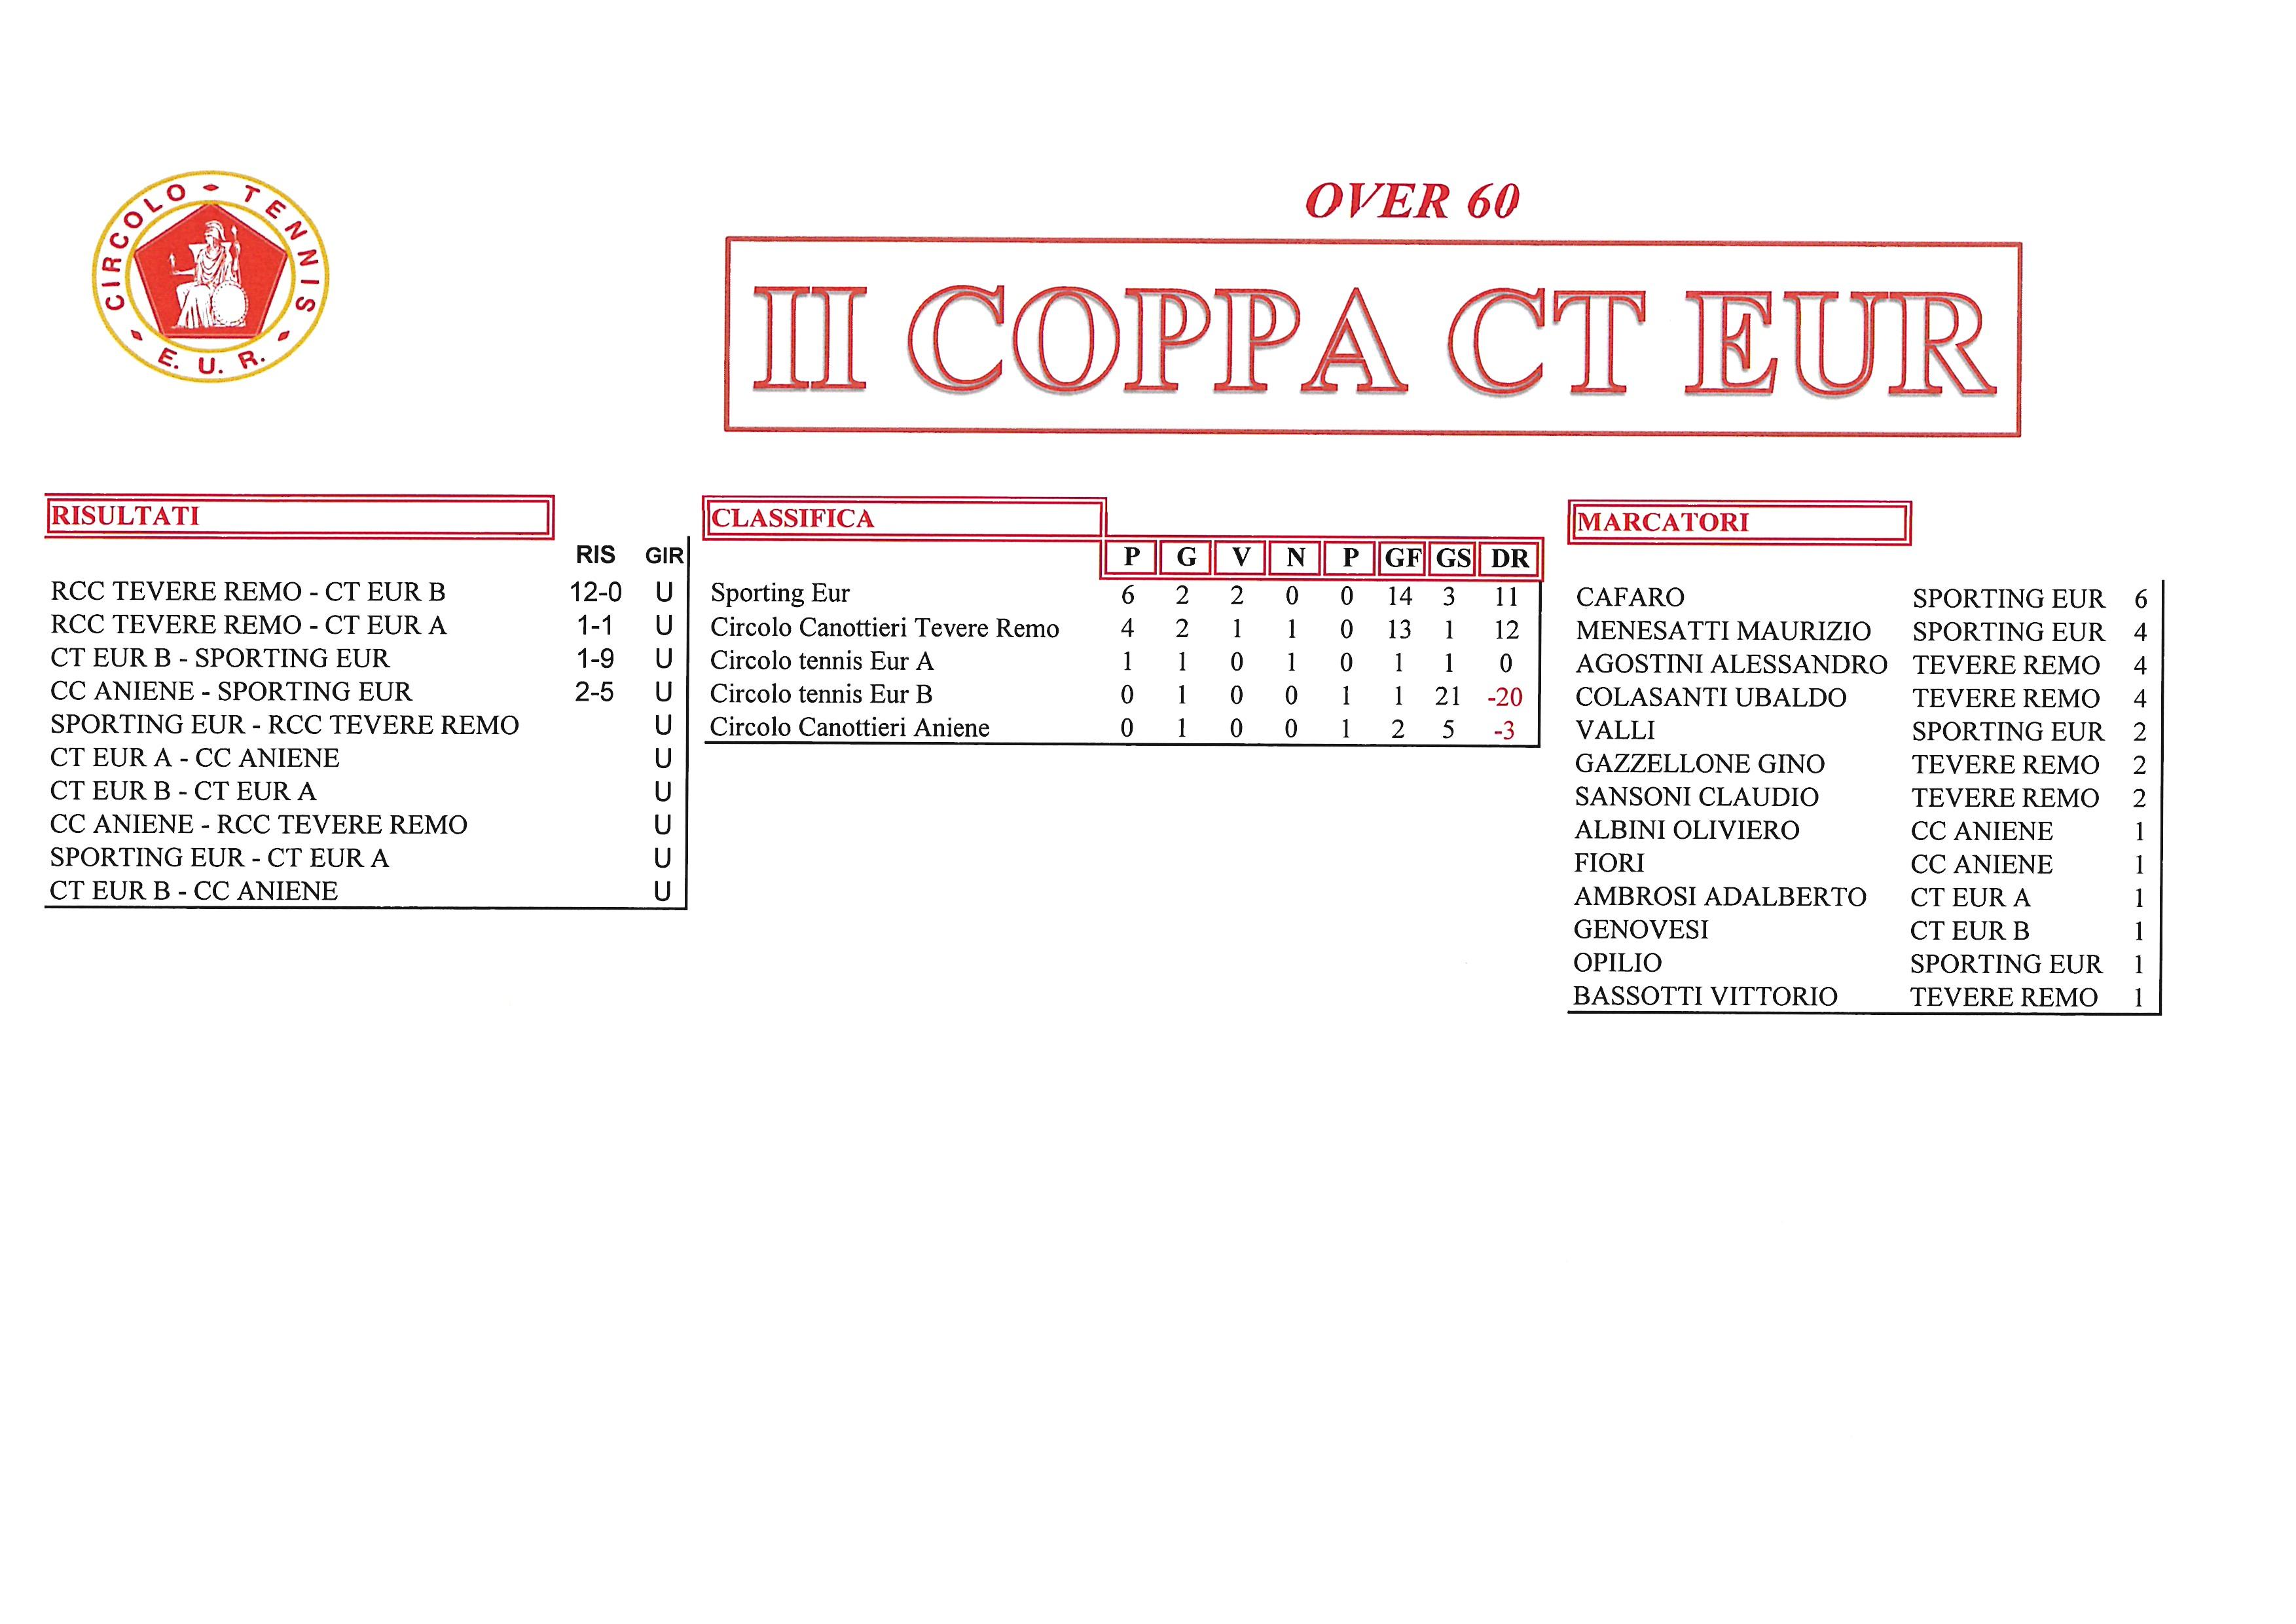 Coppa-CT-Eur-risultati-del-25-settembre2017-Over-60